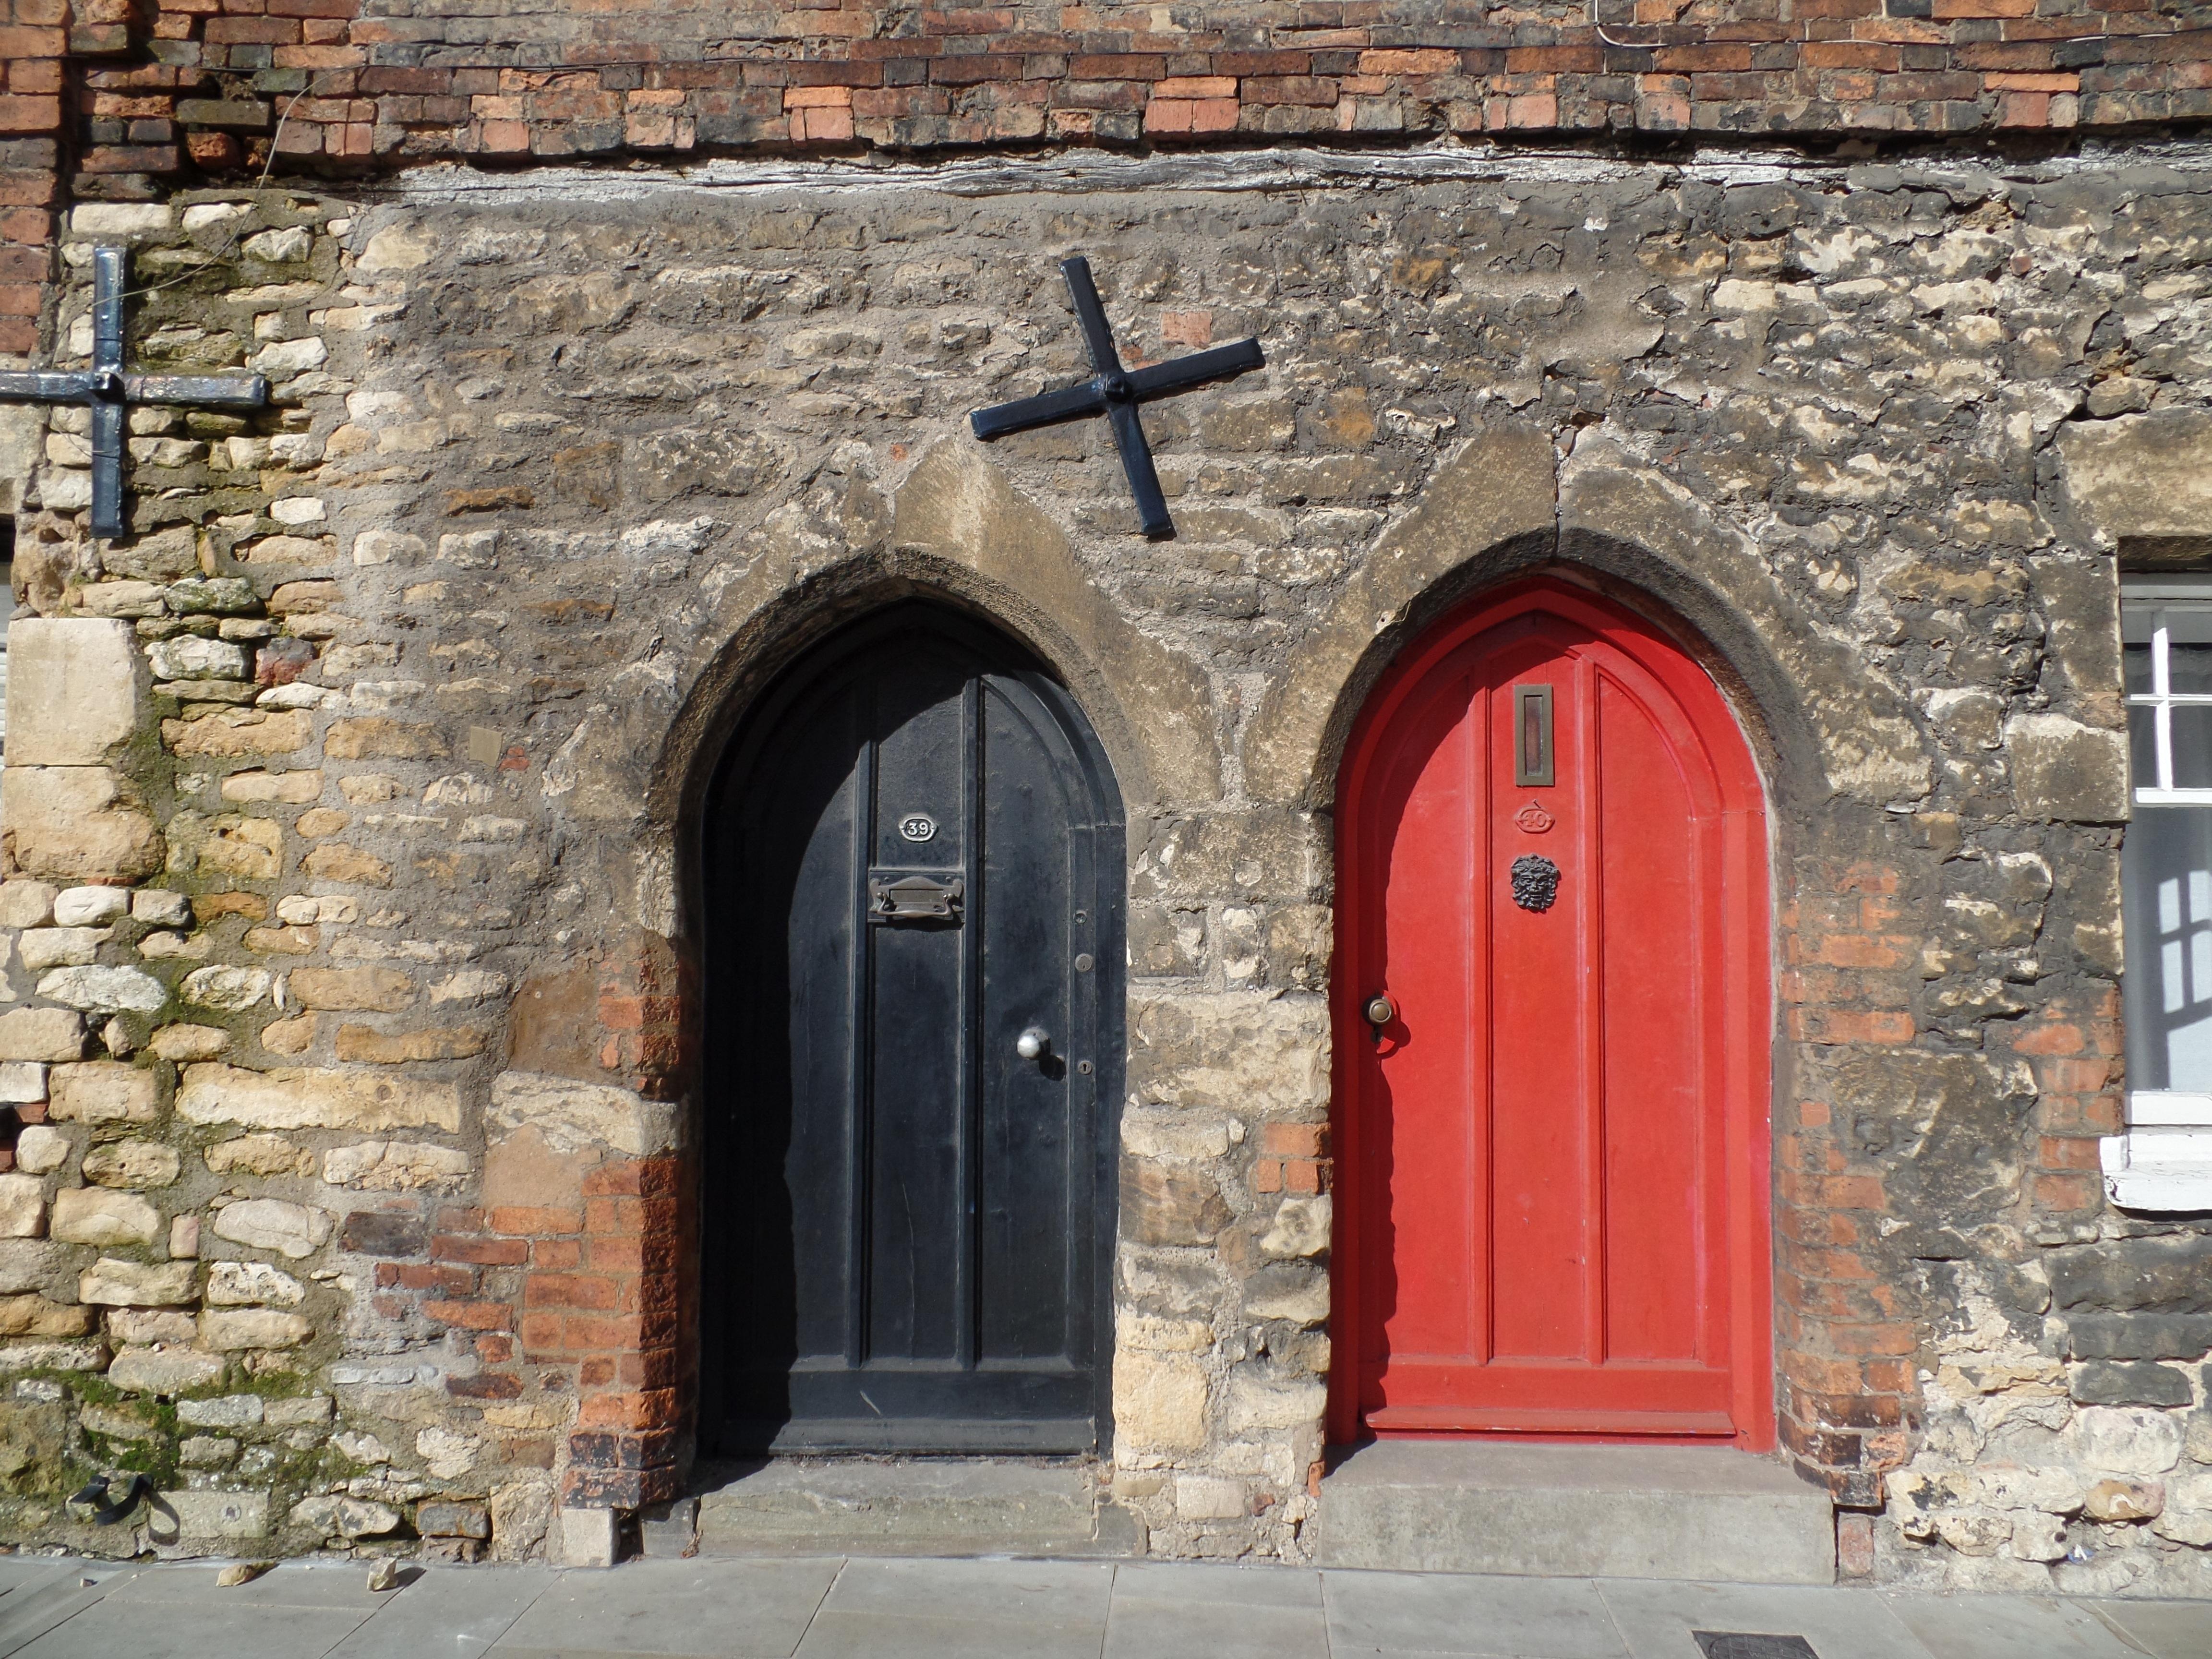 Puertas de entrada antiguas puertas viejas imagenes ue for Puerta casa antigua